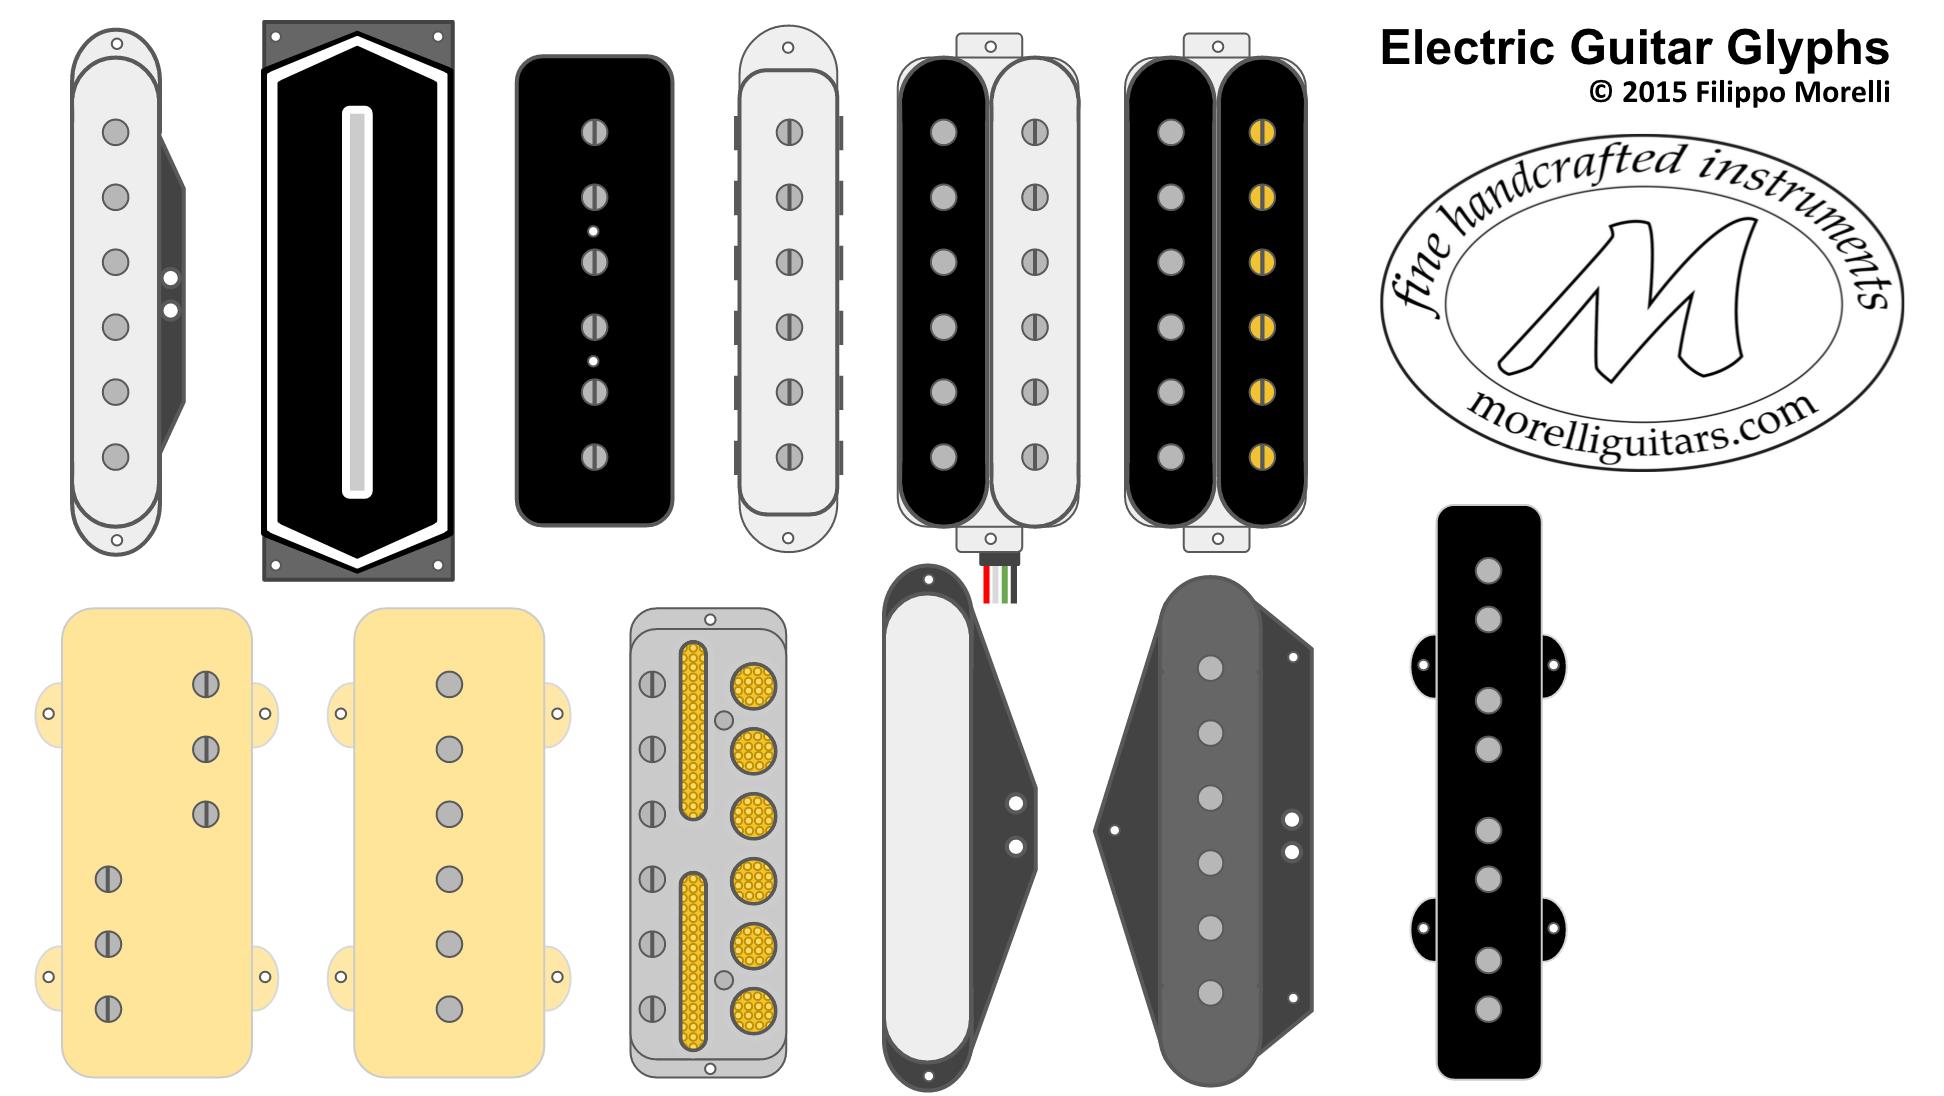 Electric Guitar Wiring Diagram Tool - Morelli GuitarsMorelli Guitars | Guitar Wiring Diagram Generator |  | Morelli Guitars